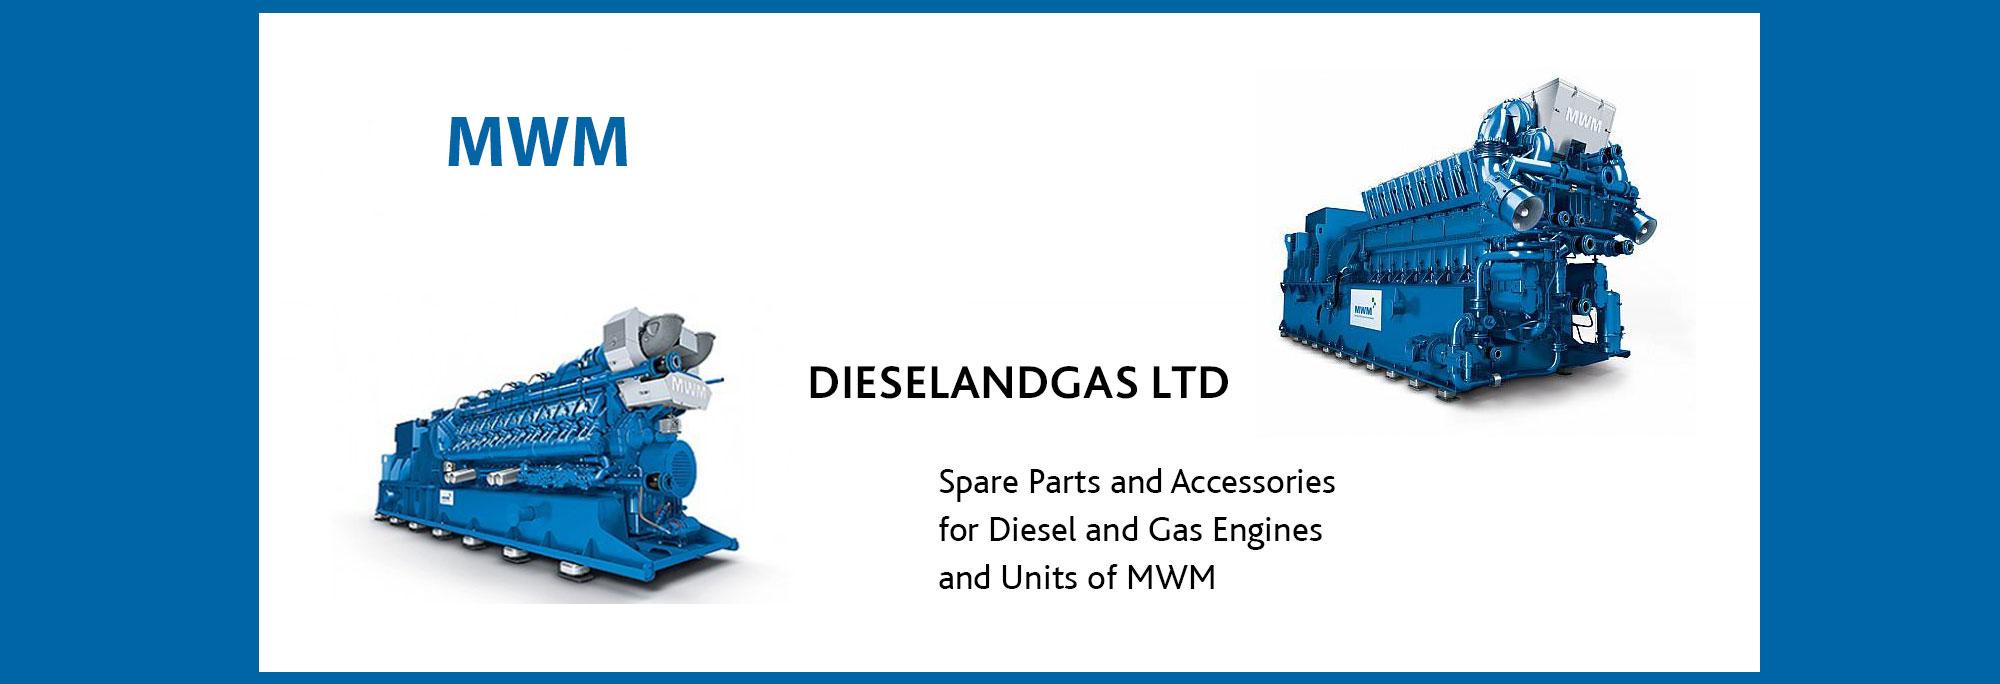 MWM - Dieselandgas